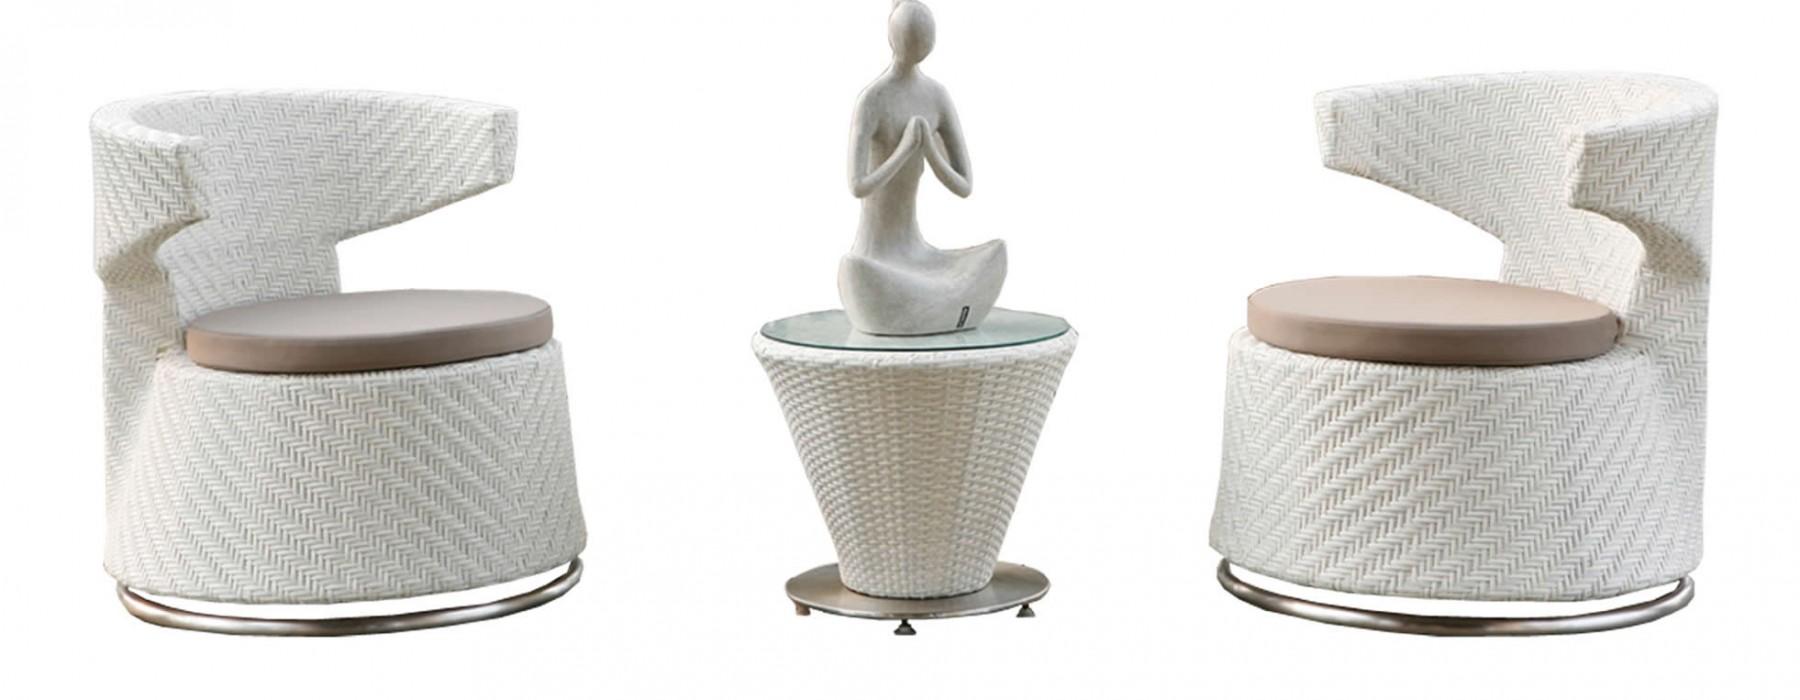 geniş bir bahçe mobilya ve aksesuarları koleksiyonuna sahip bir marka olan Evgör Mobilya